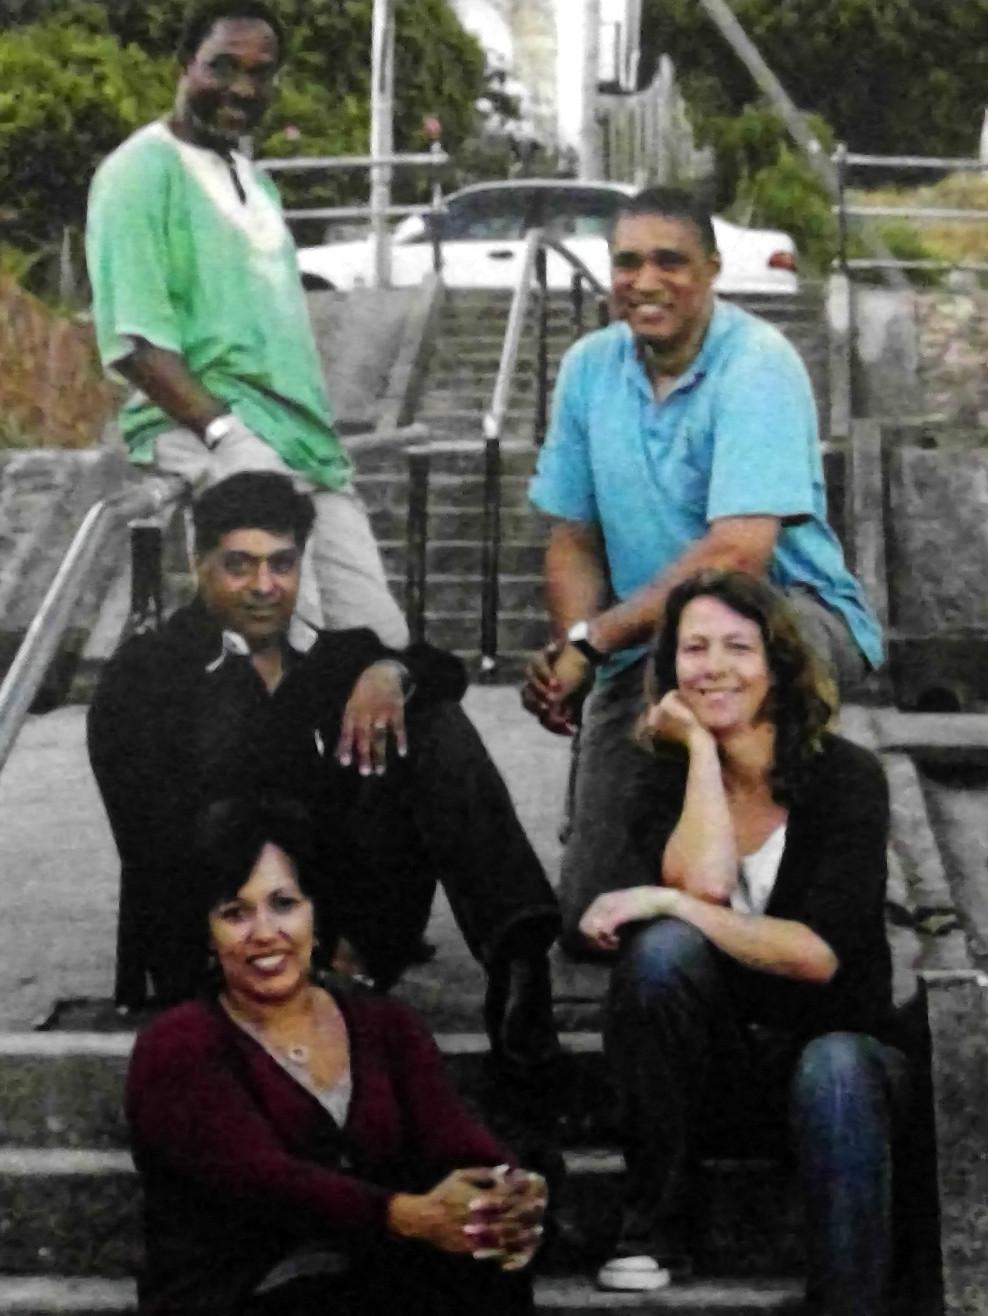 Indiens, Métis, Noirs ou Blancs... la différence n'est plus faite depuis longtemps dans l'équipe de direction de SPP